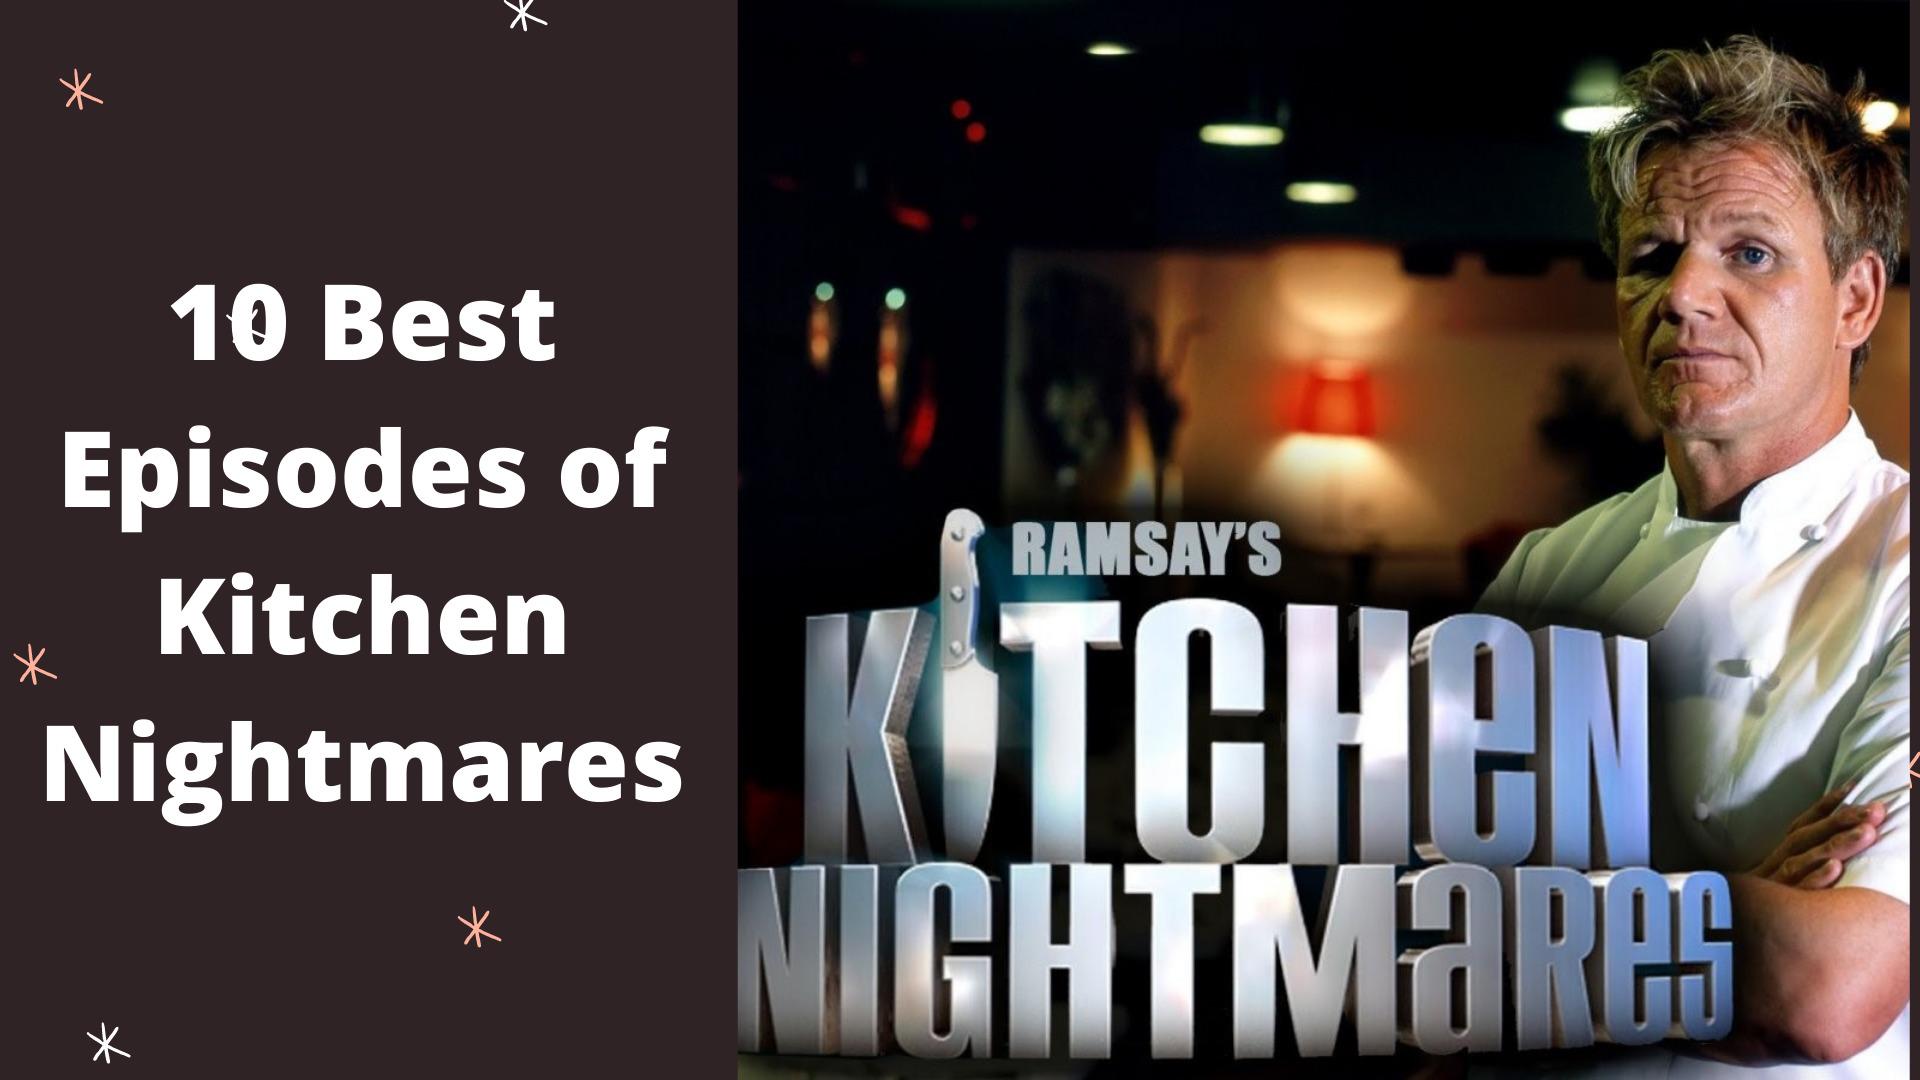 Best Episodes of Kitchen Nightmares